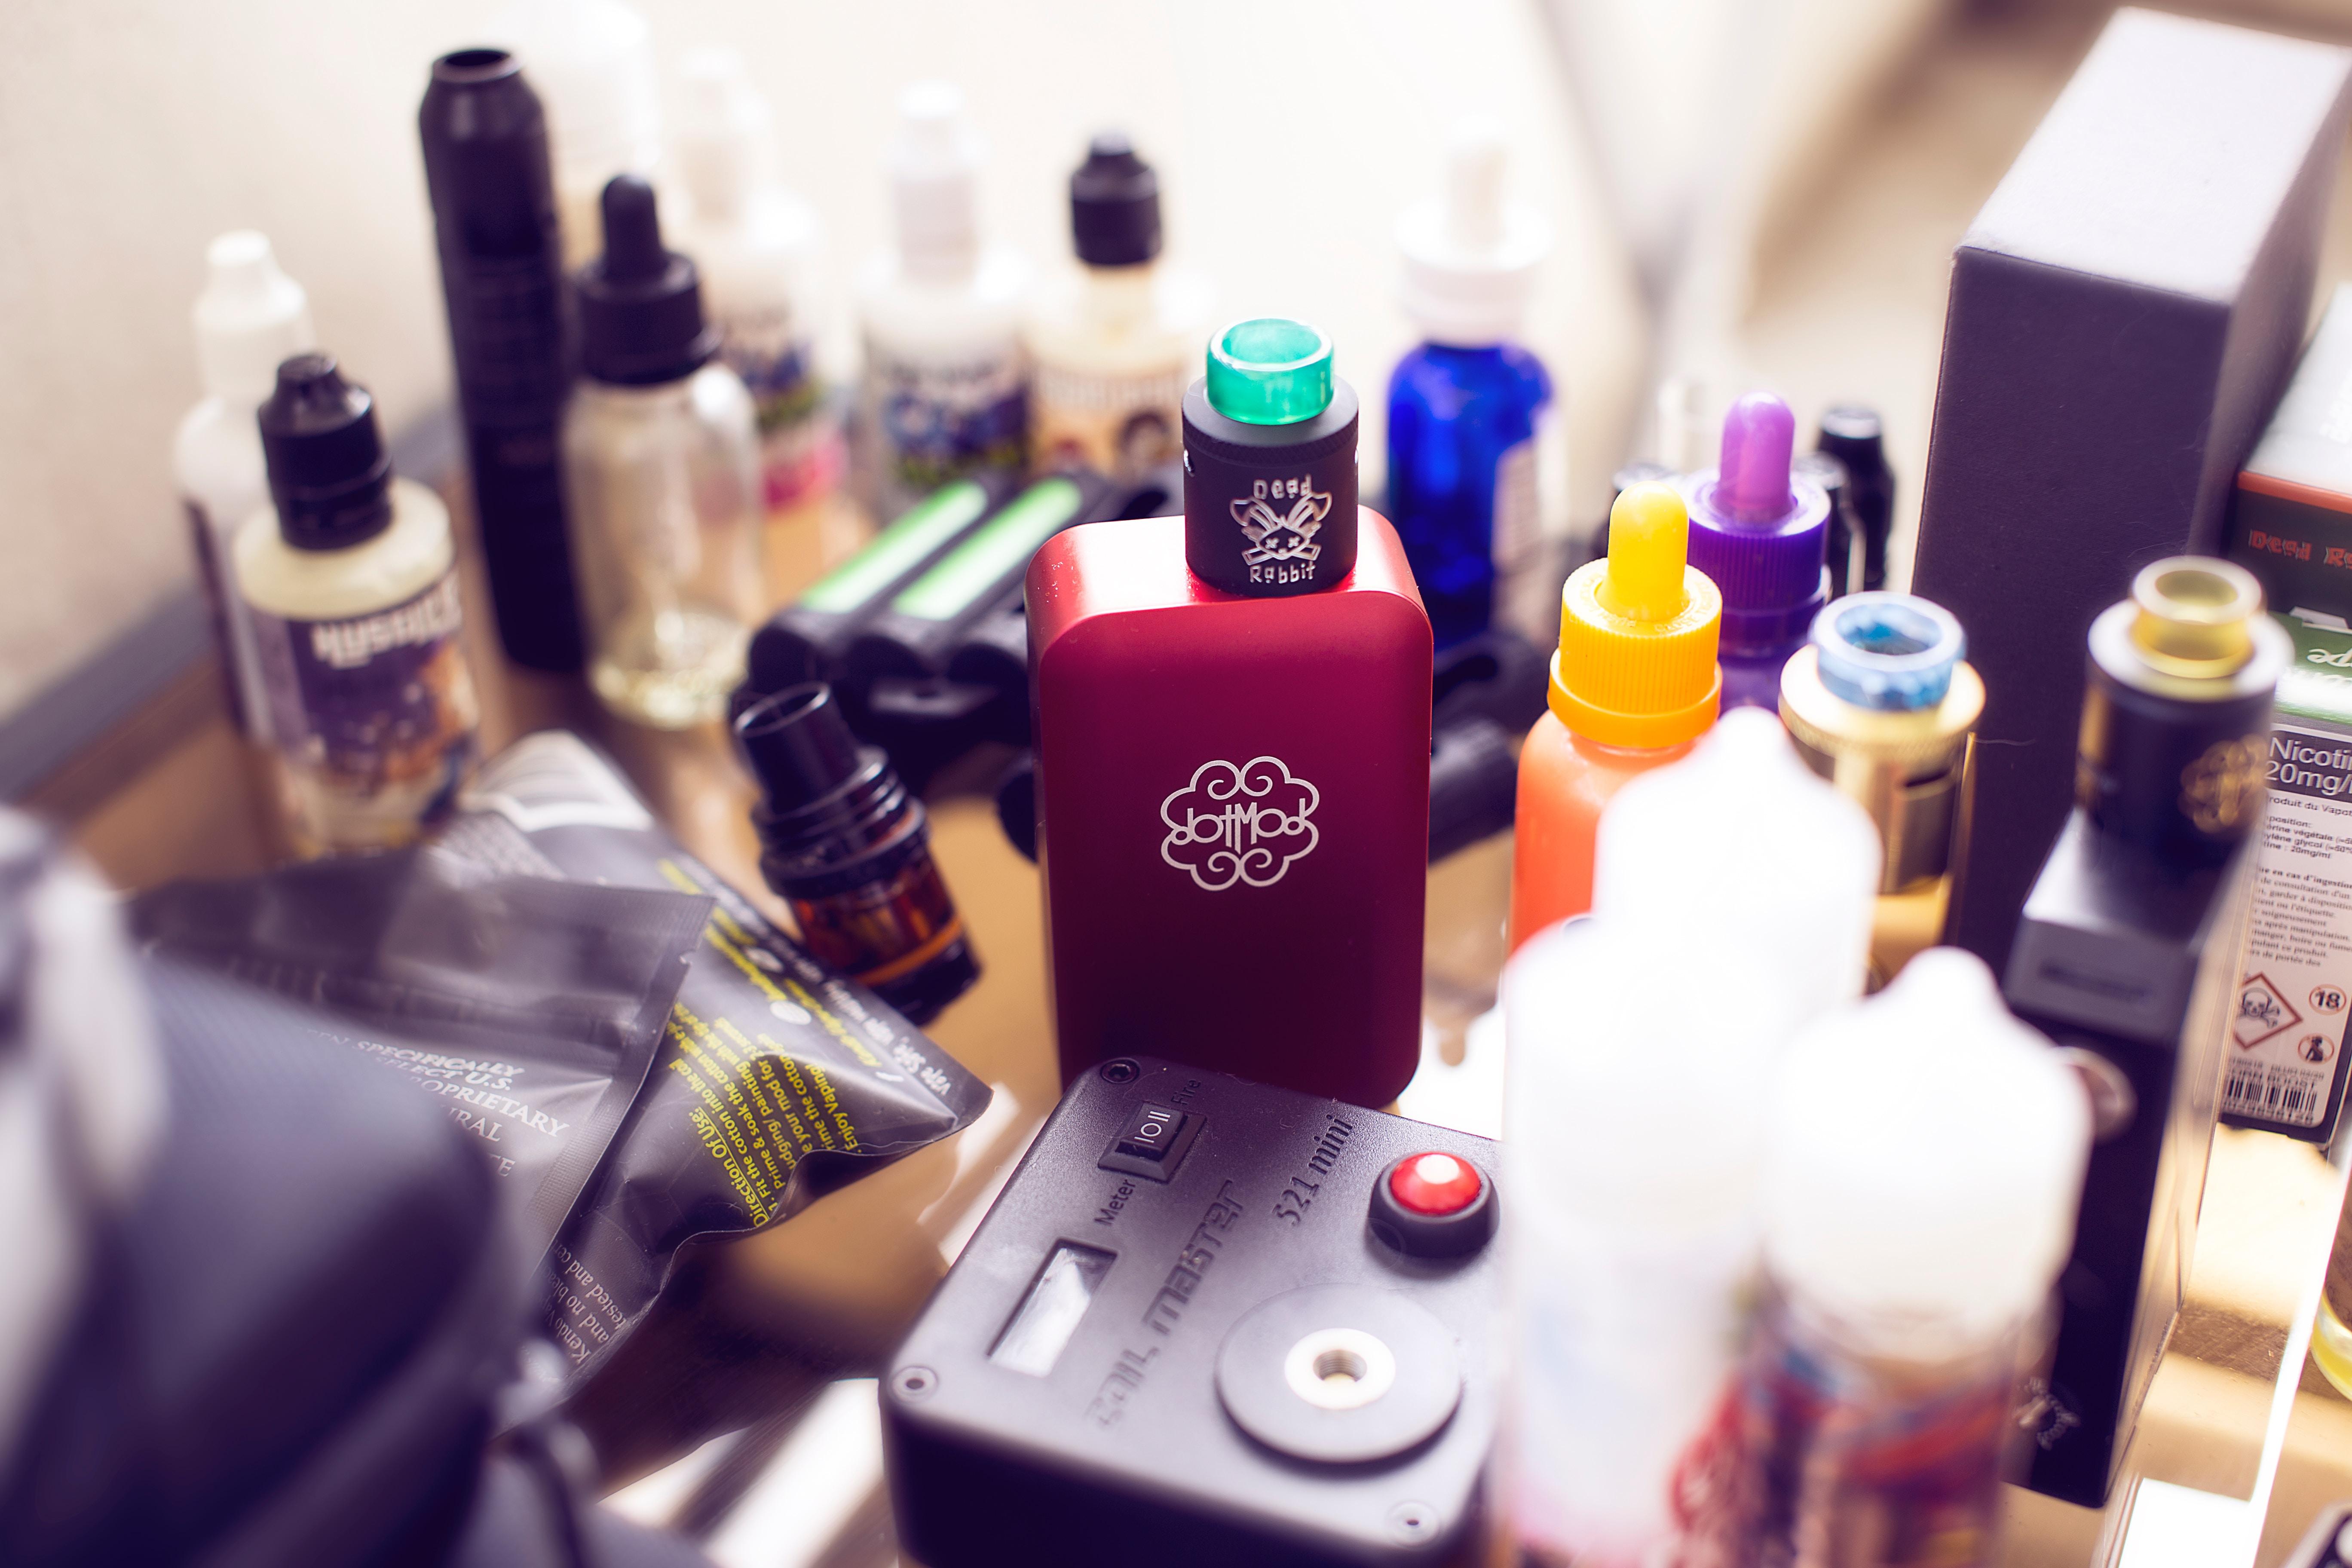 antonin fels OdqmOsUgNwk unsplash - Sådan vælger du en e-cigaret